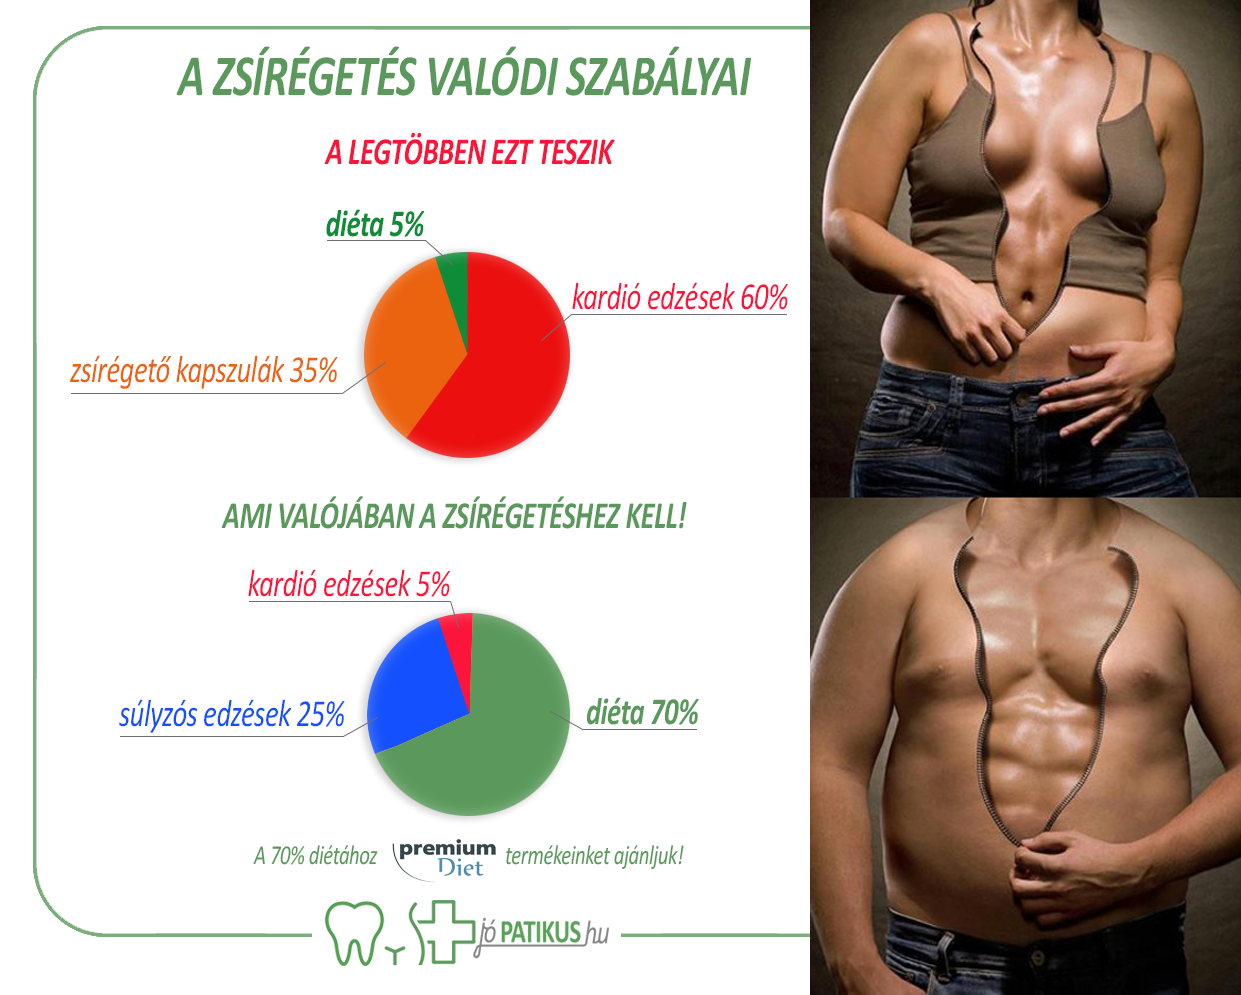 Innen tudod, hogy végre beindult a zsírégetés | Az online férfimagazin